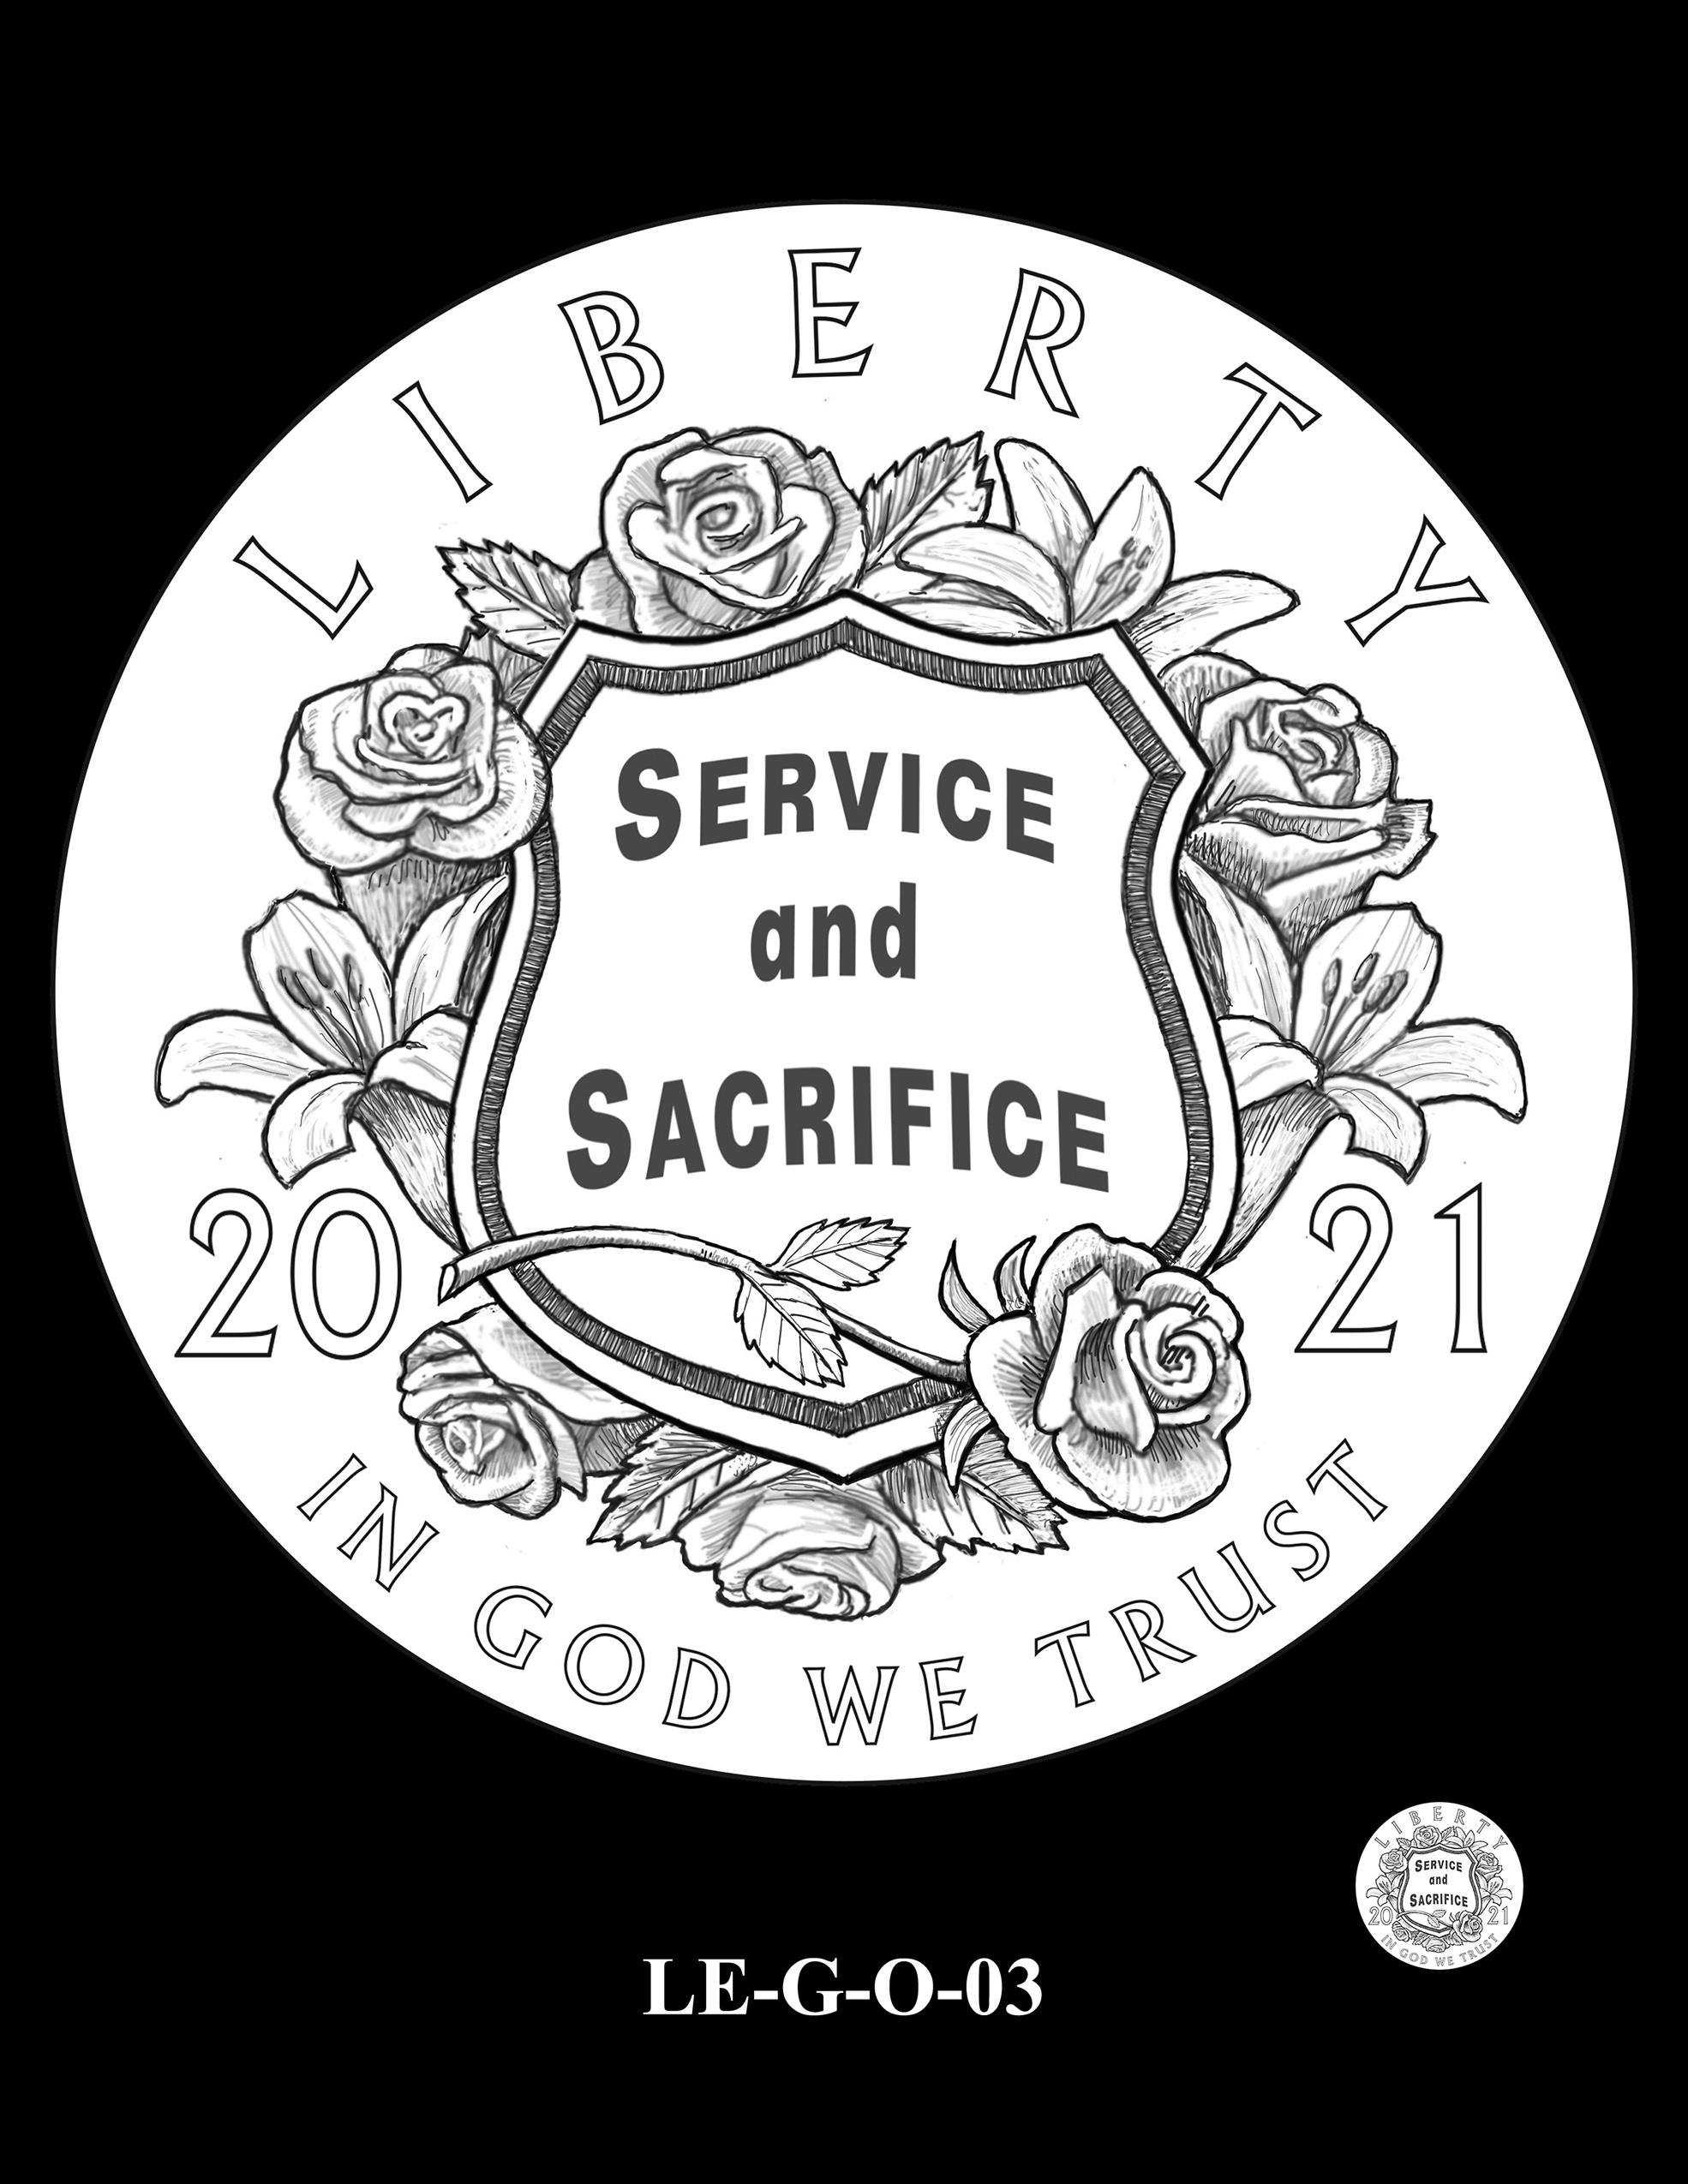 LE-G-O-03 -- National Law Enforcement Museum Commemorative Coin Program